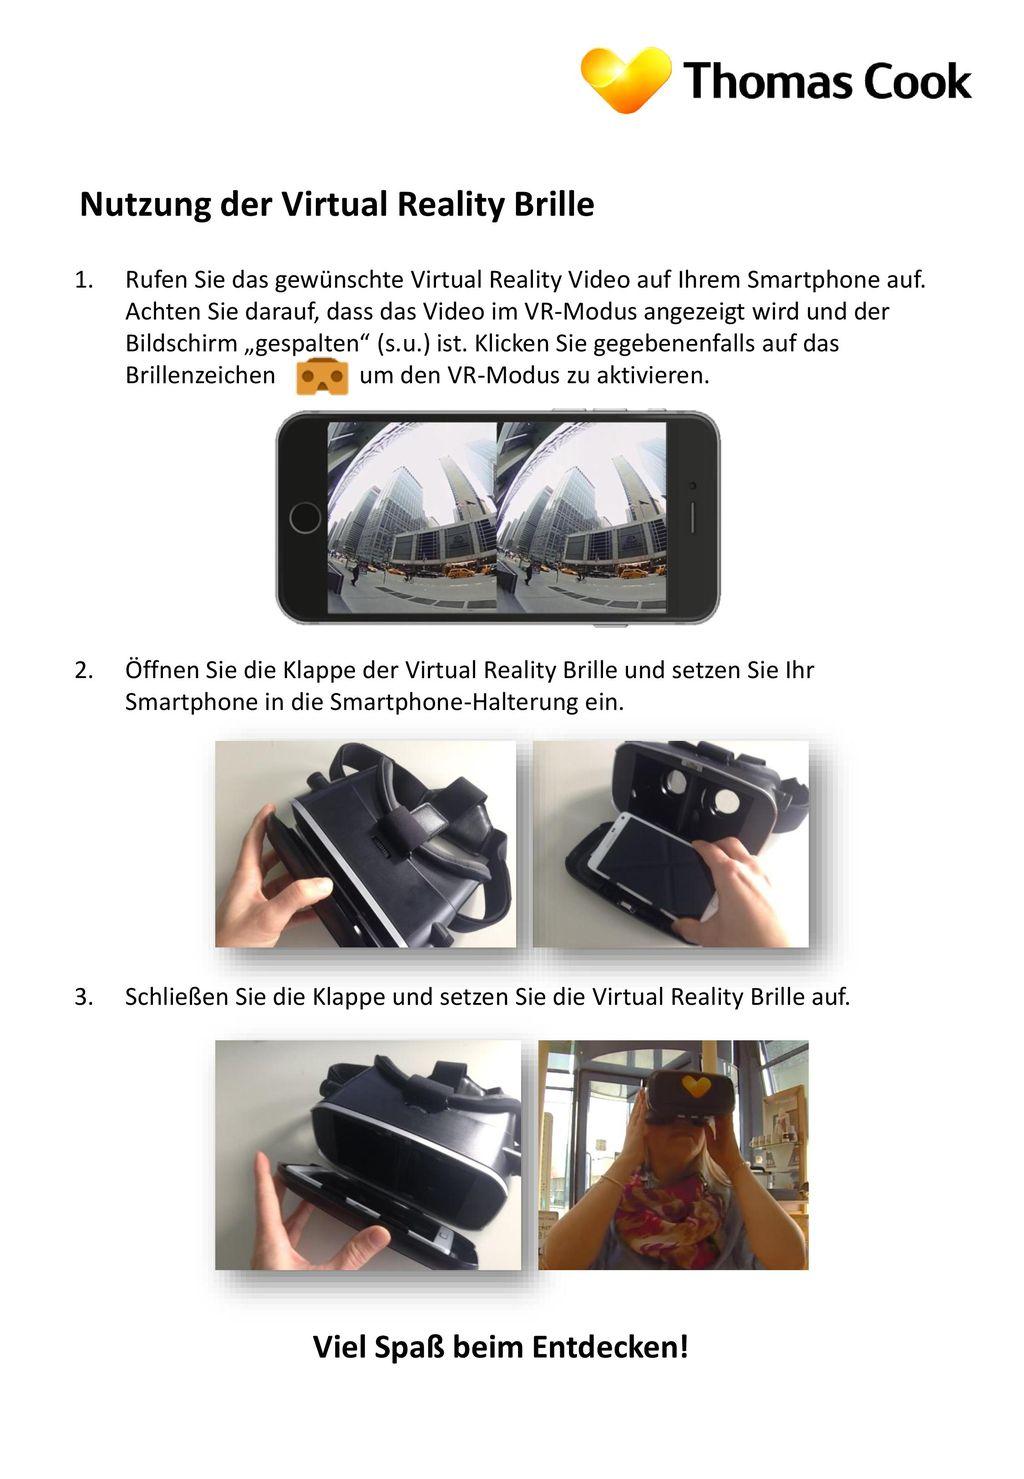 Nutzung der Virtual Reality Brille